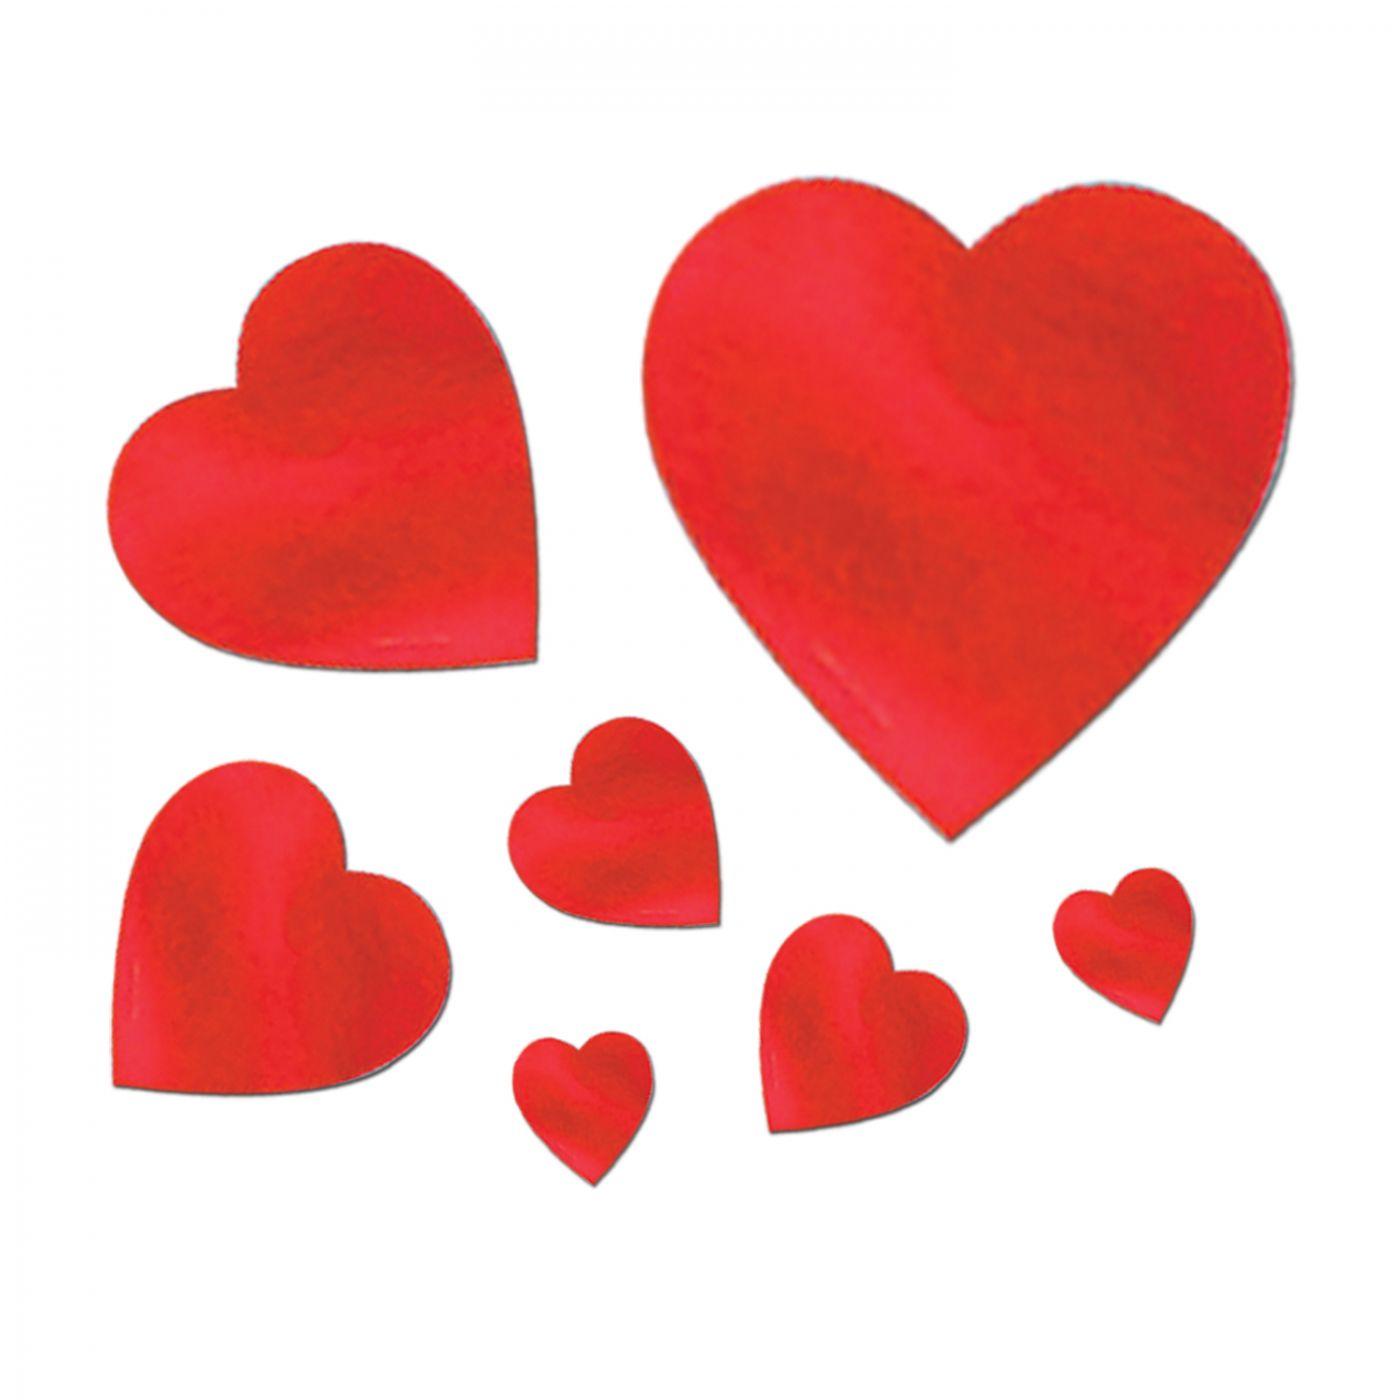 Pkgd Foil Heart Cutouts (24) image